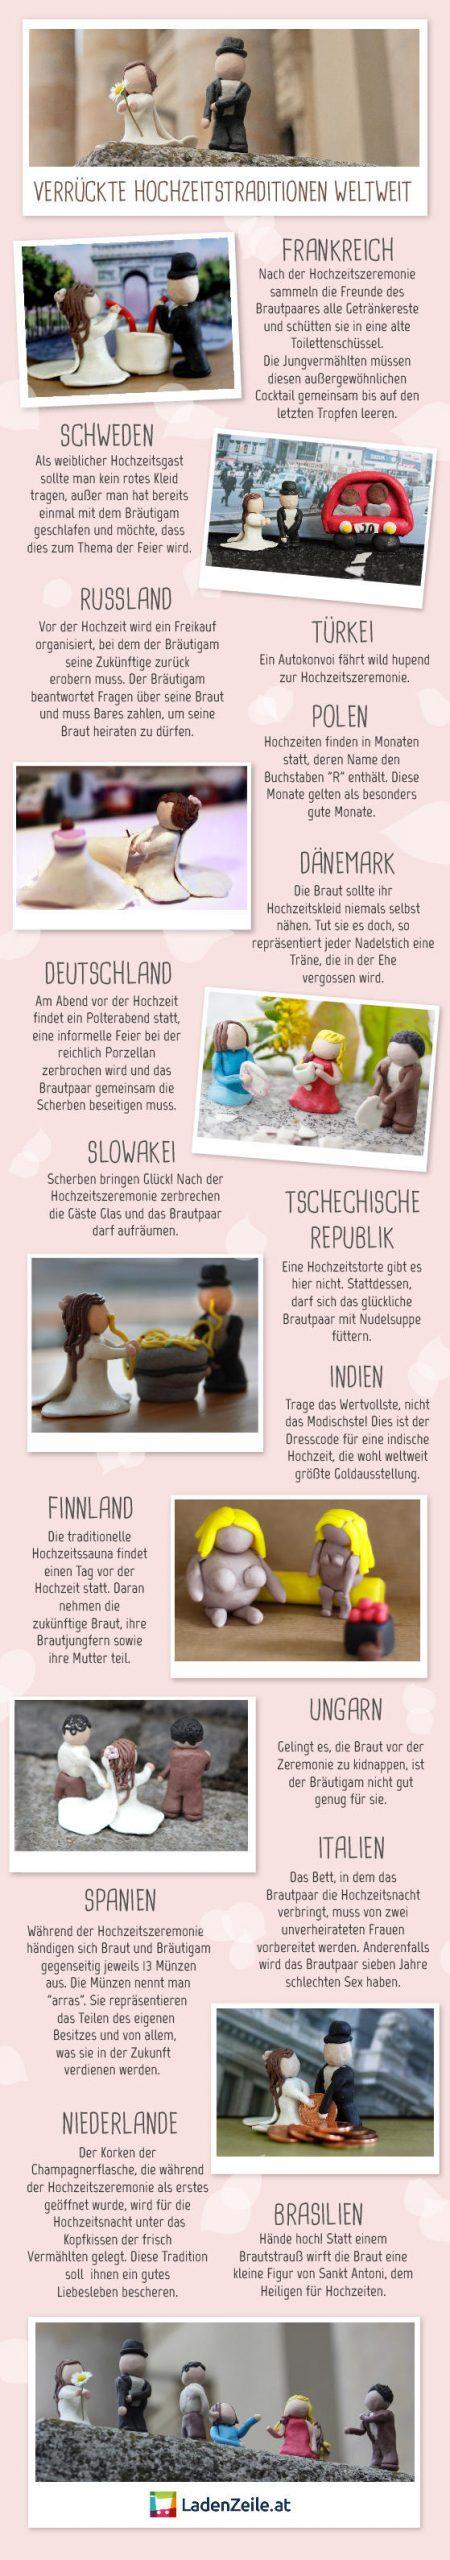 Lustige Hochzeitsbräuche Weltweit • Woman.at